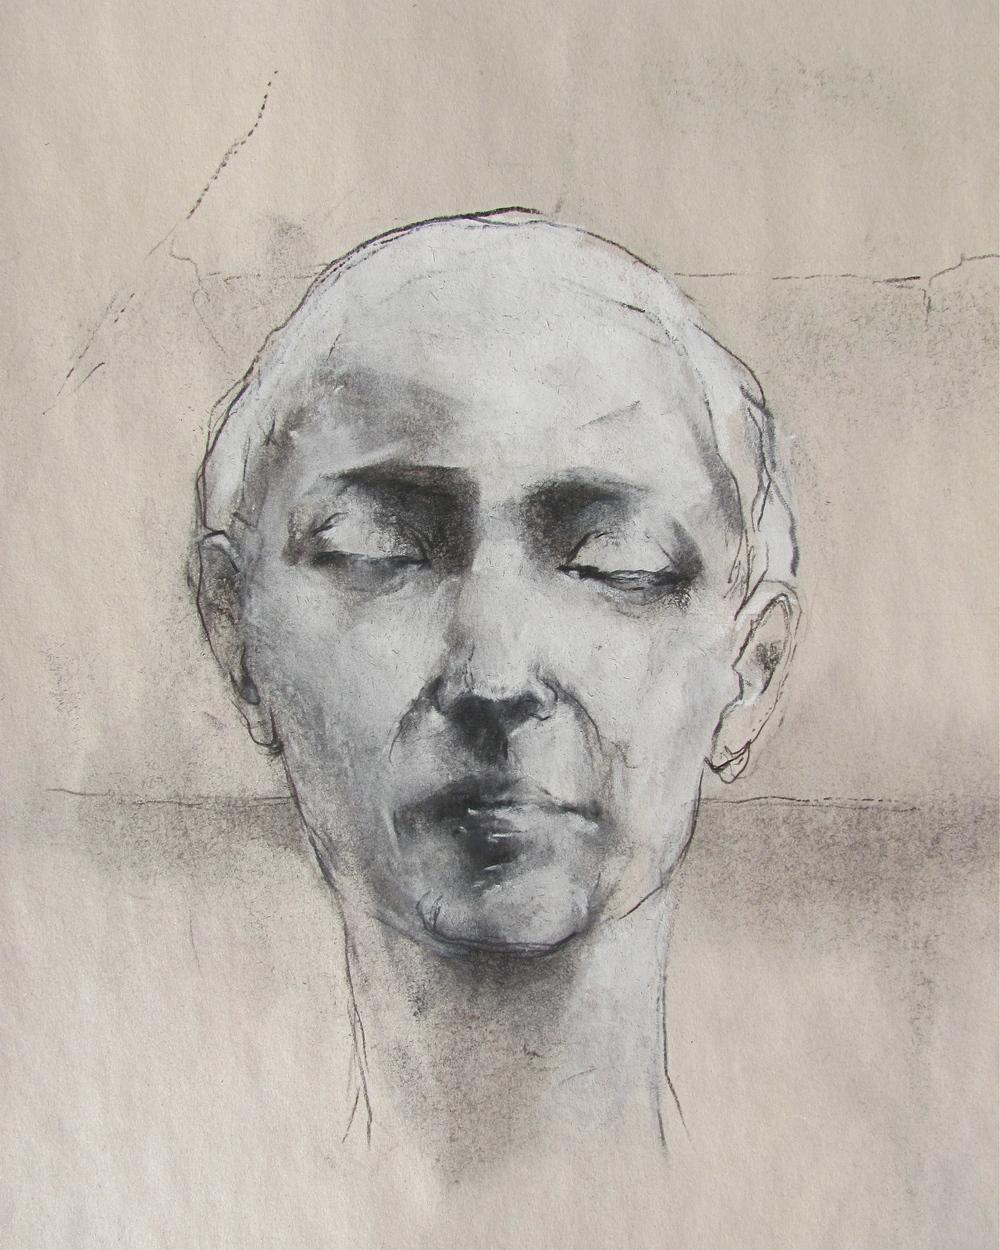 60th St. Portrait #11